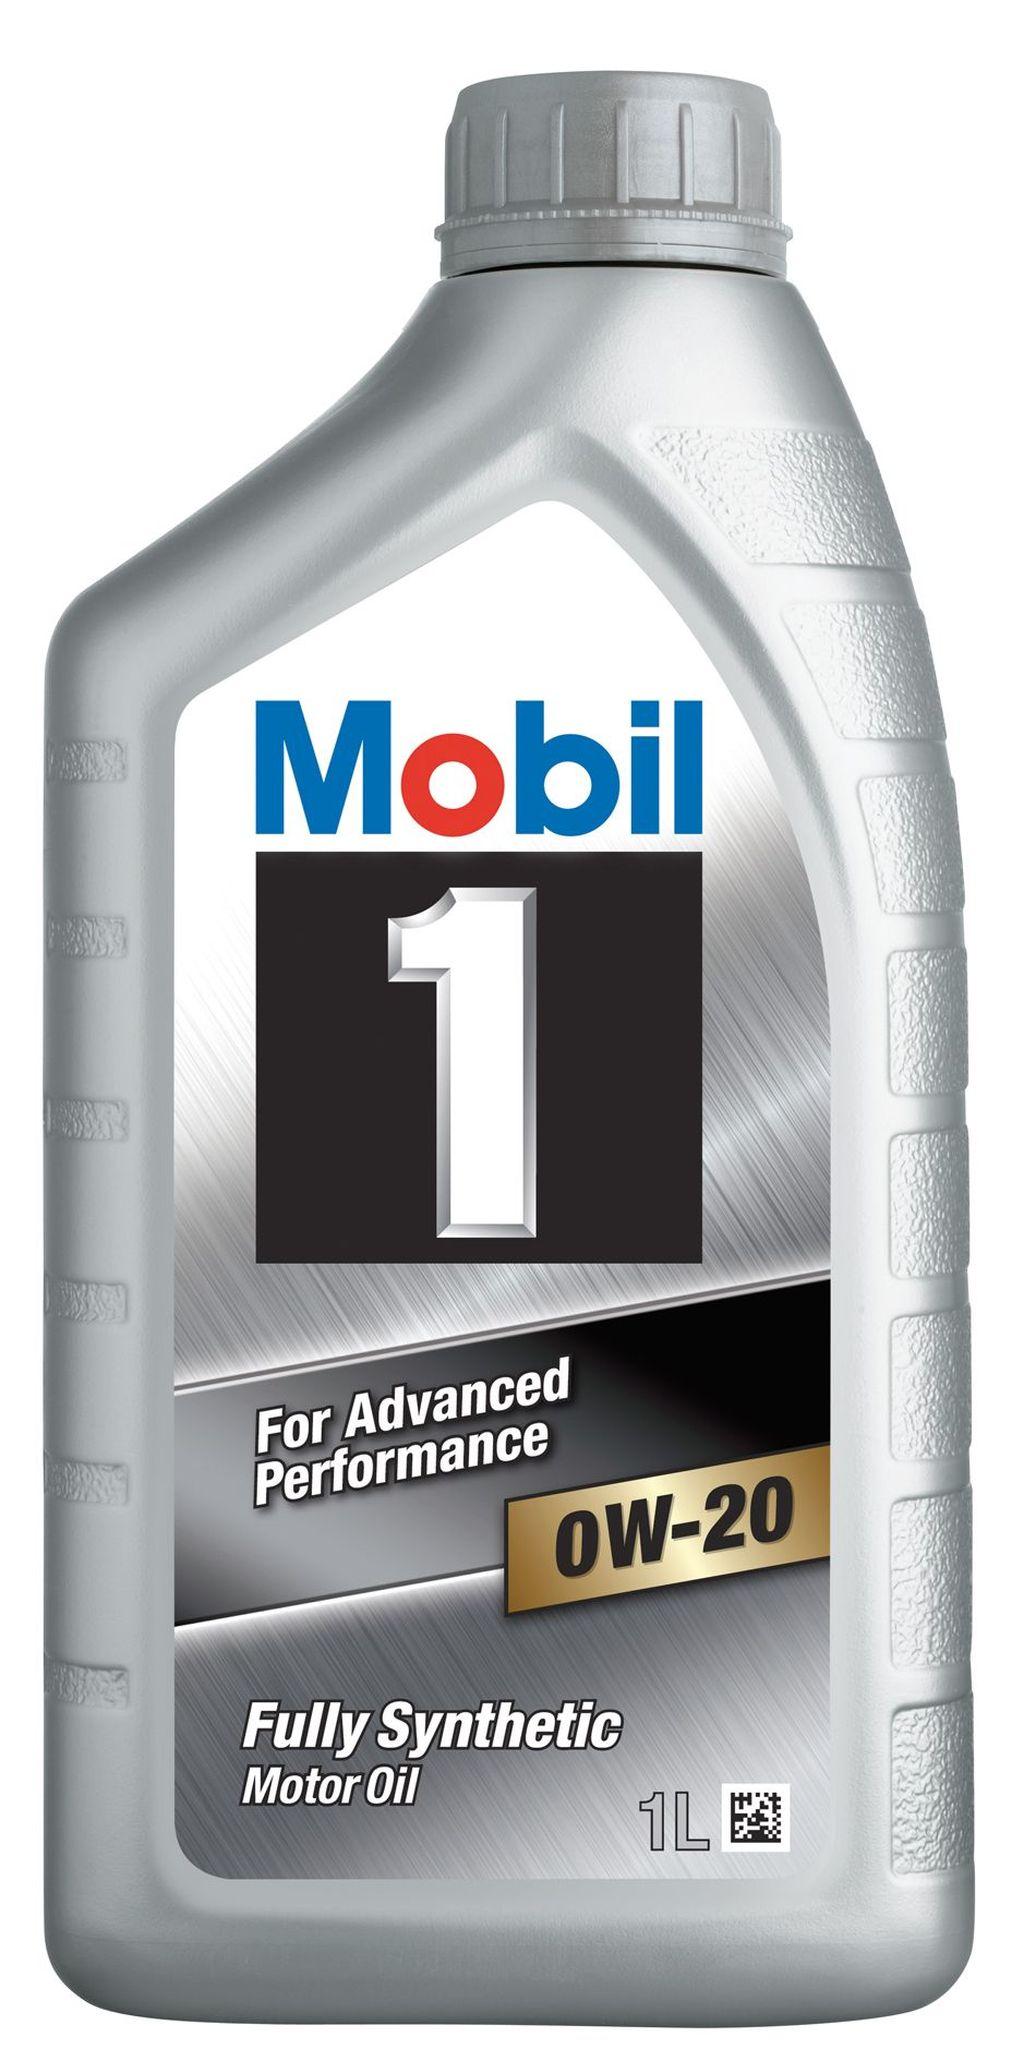 Huile moteur mobil 0w20 1 litre 152125 - mobil